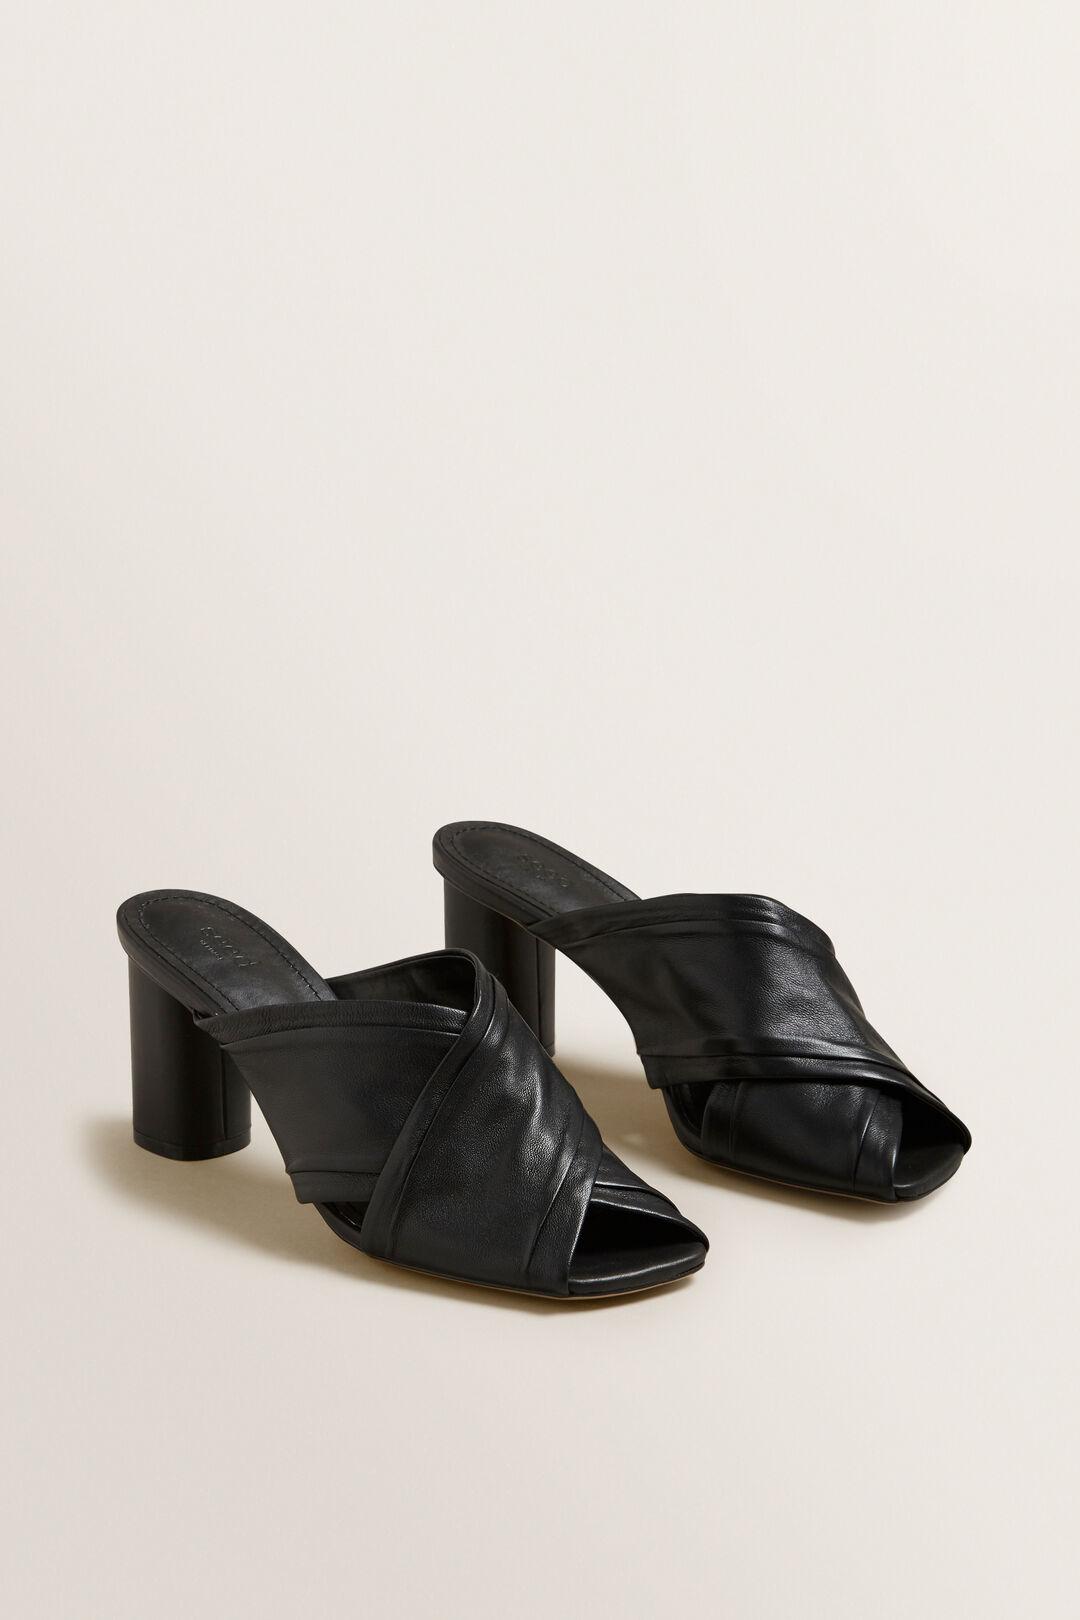 Ava Cross Over Heel  BLACK  hi-res